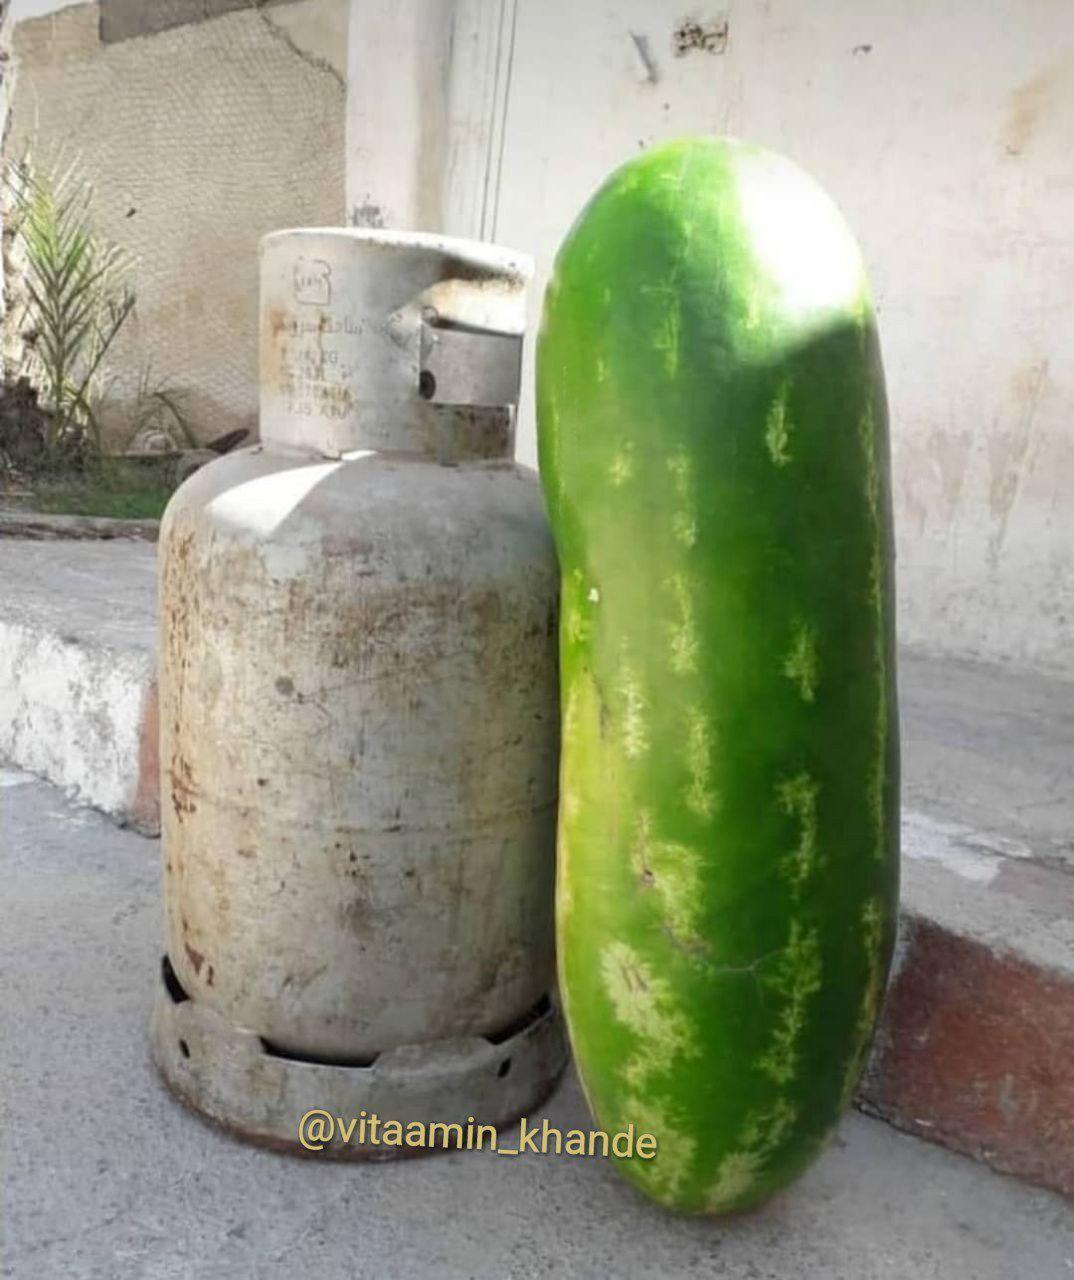 خنده دار ترین عکس که شب یلدا به اشتراک گذاشته شد